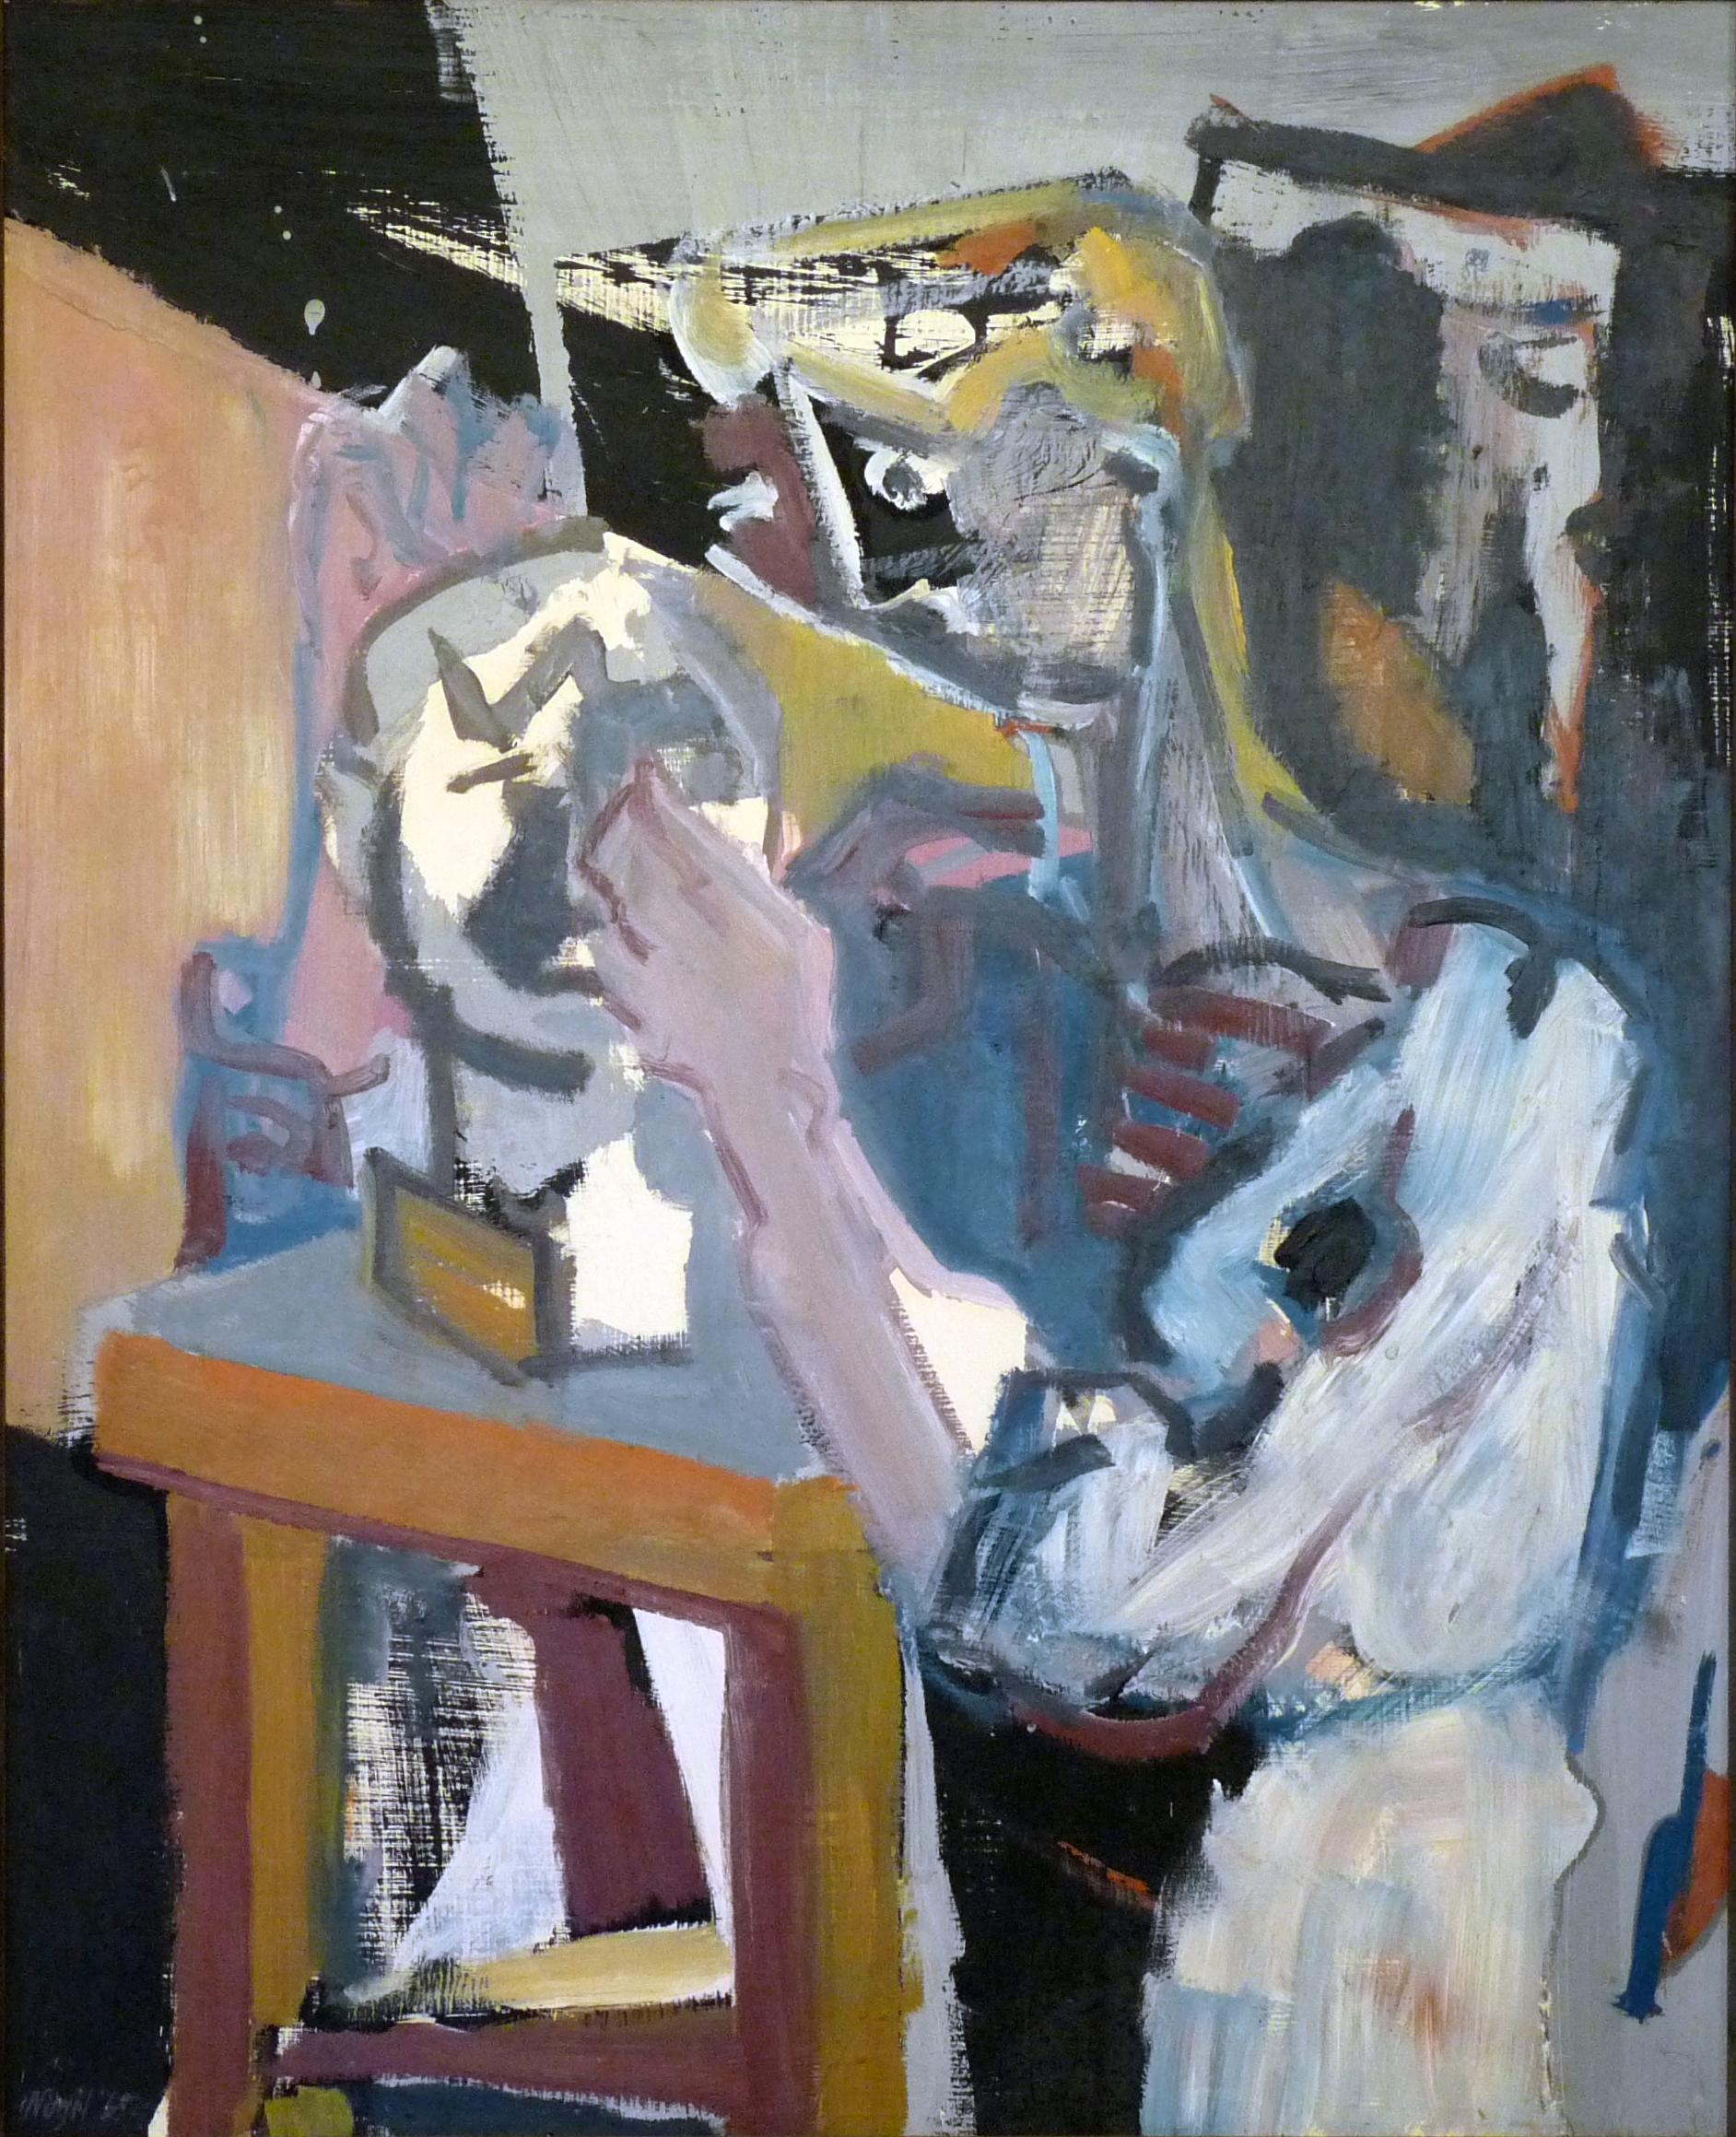 Bildhauerin, 64x87 cm